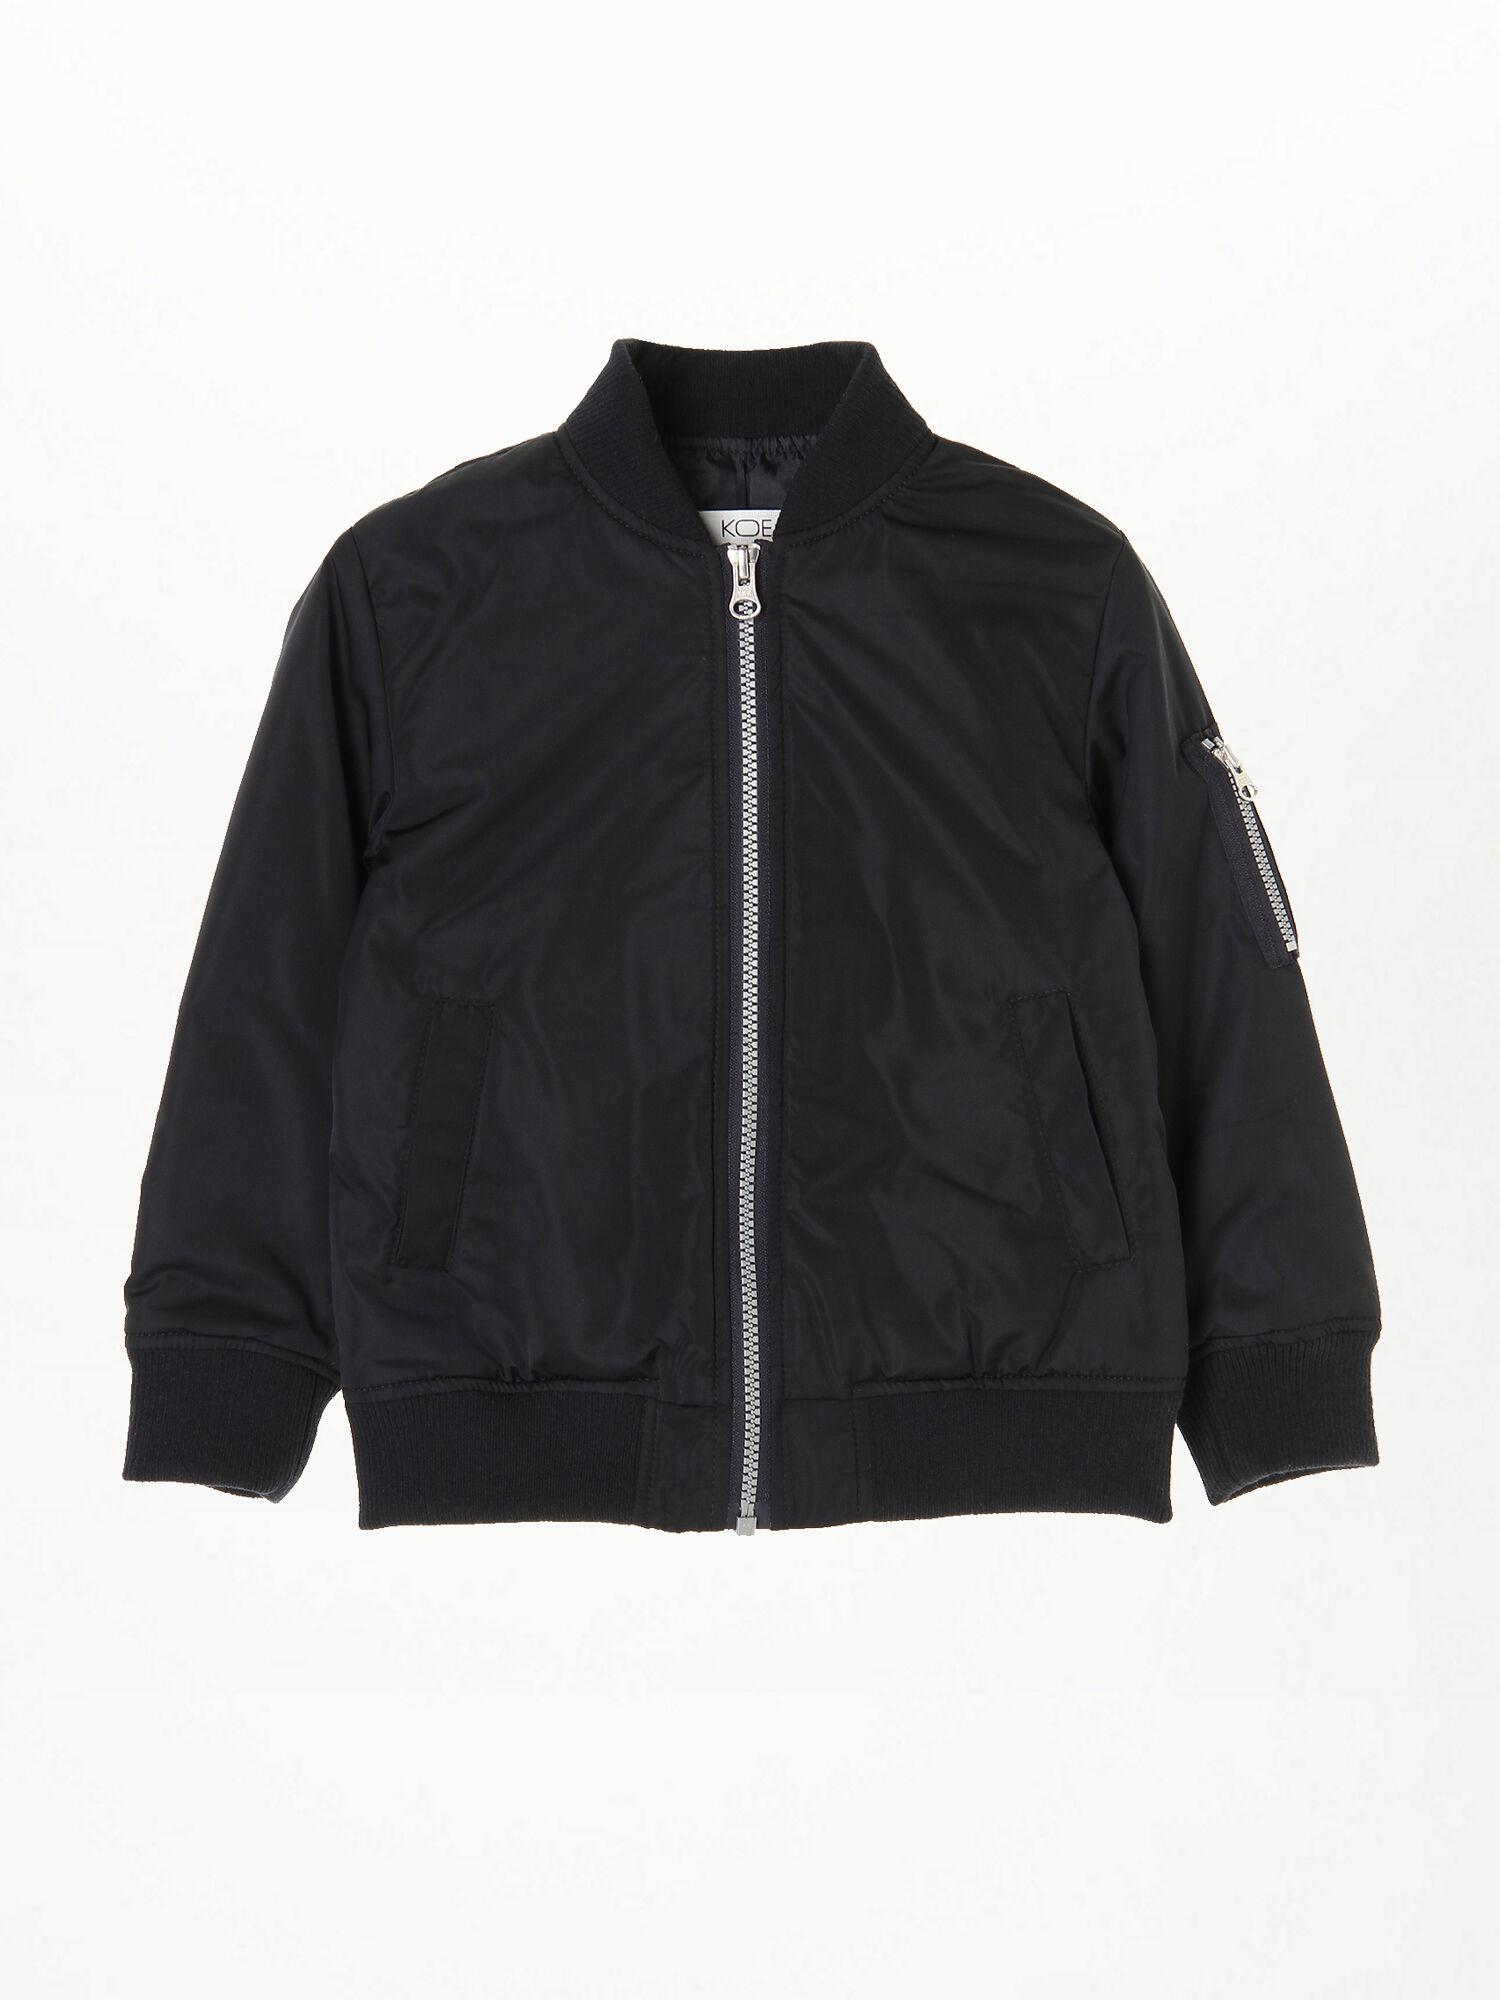 キッズMA-1ジャケット